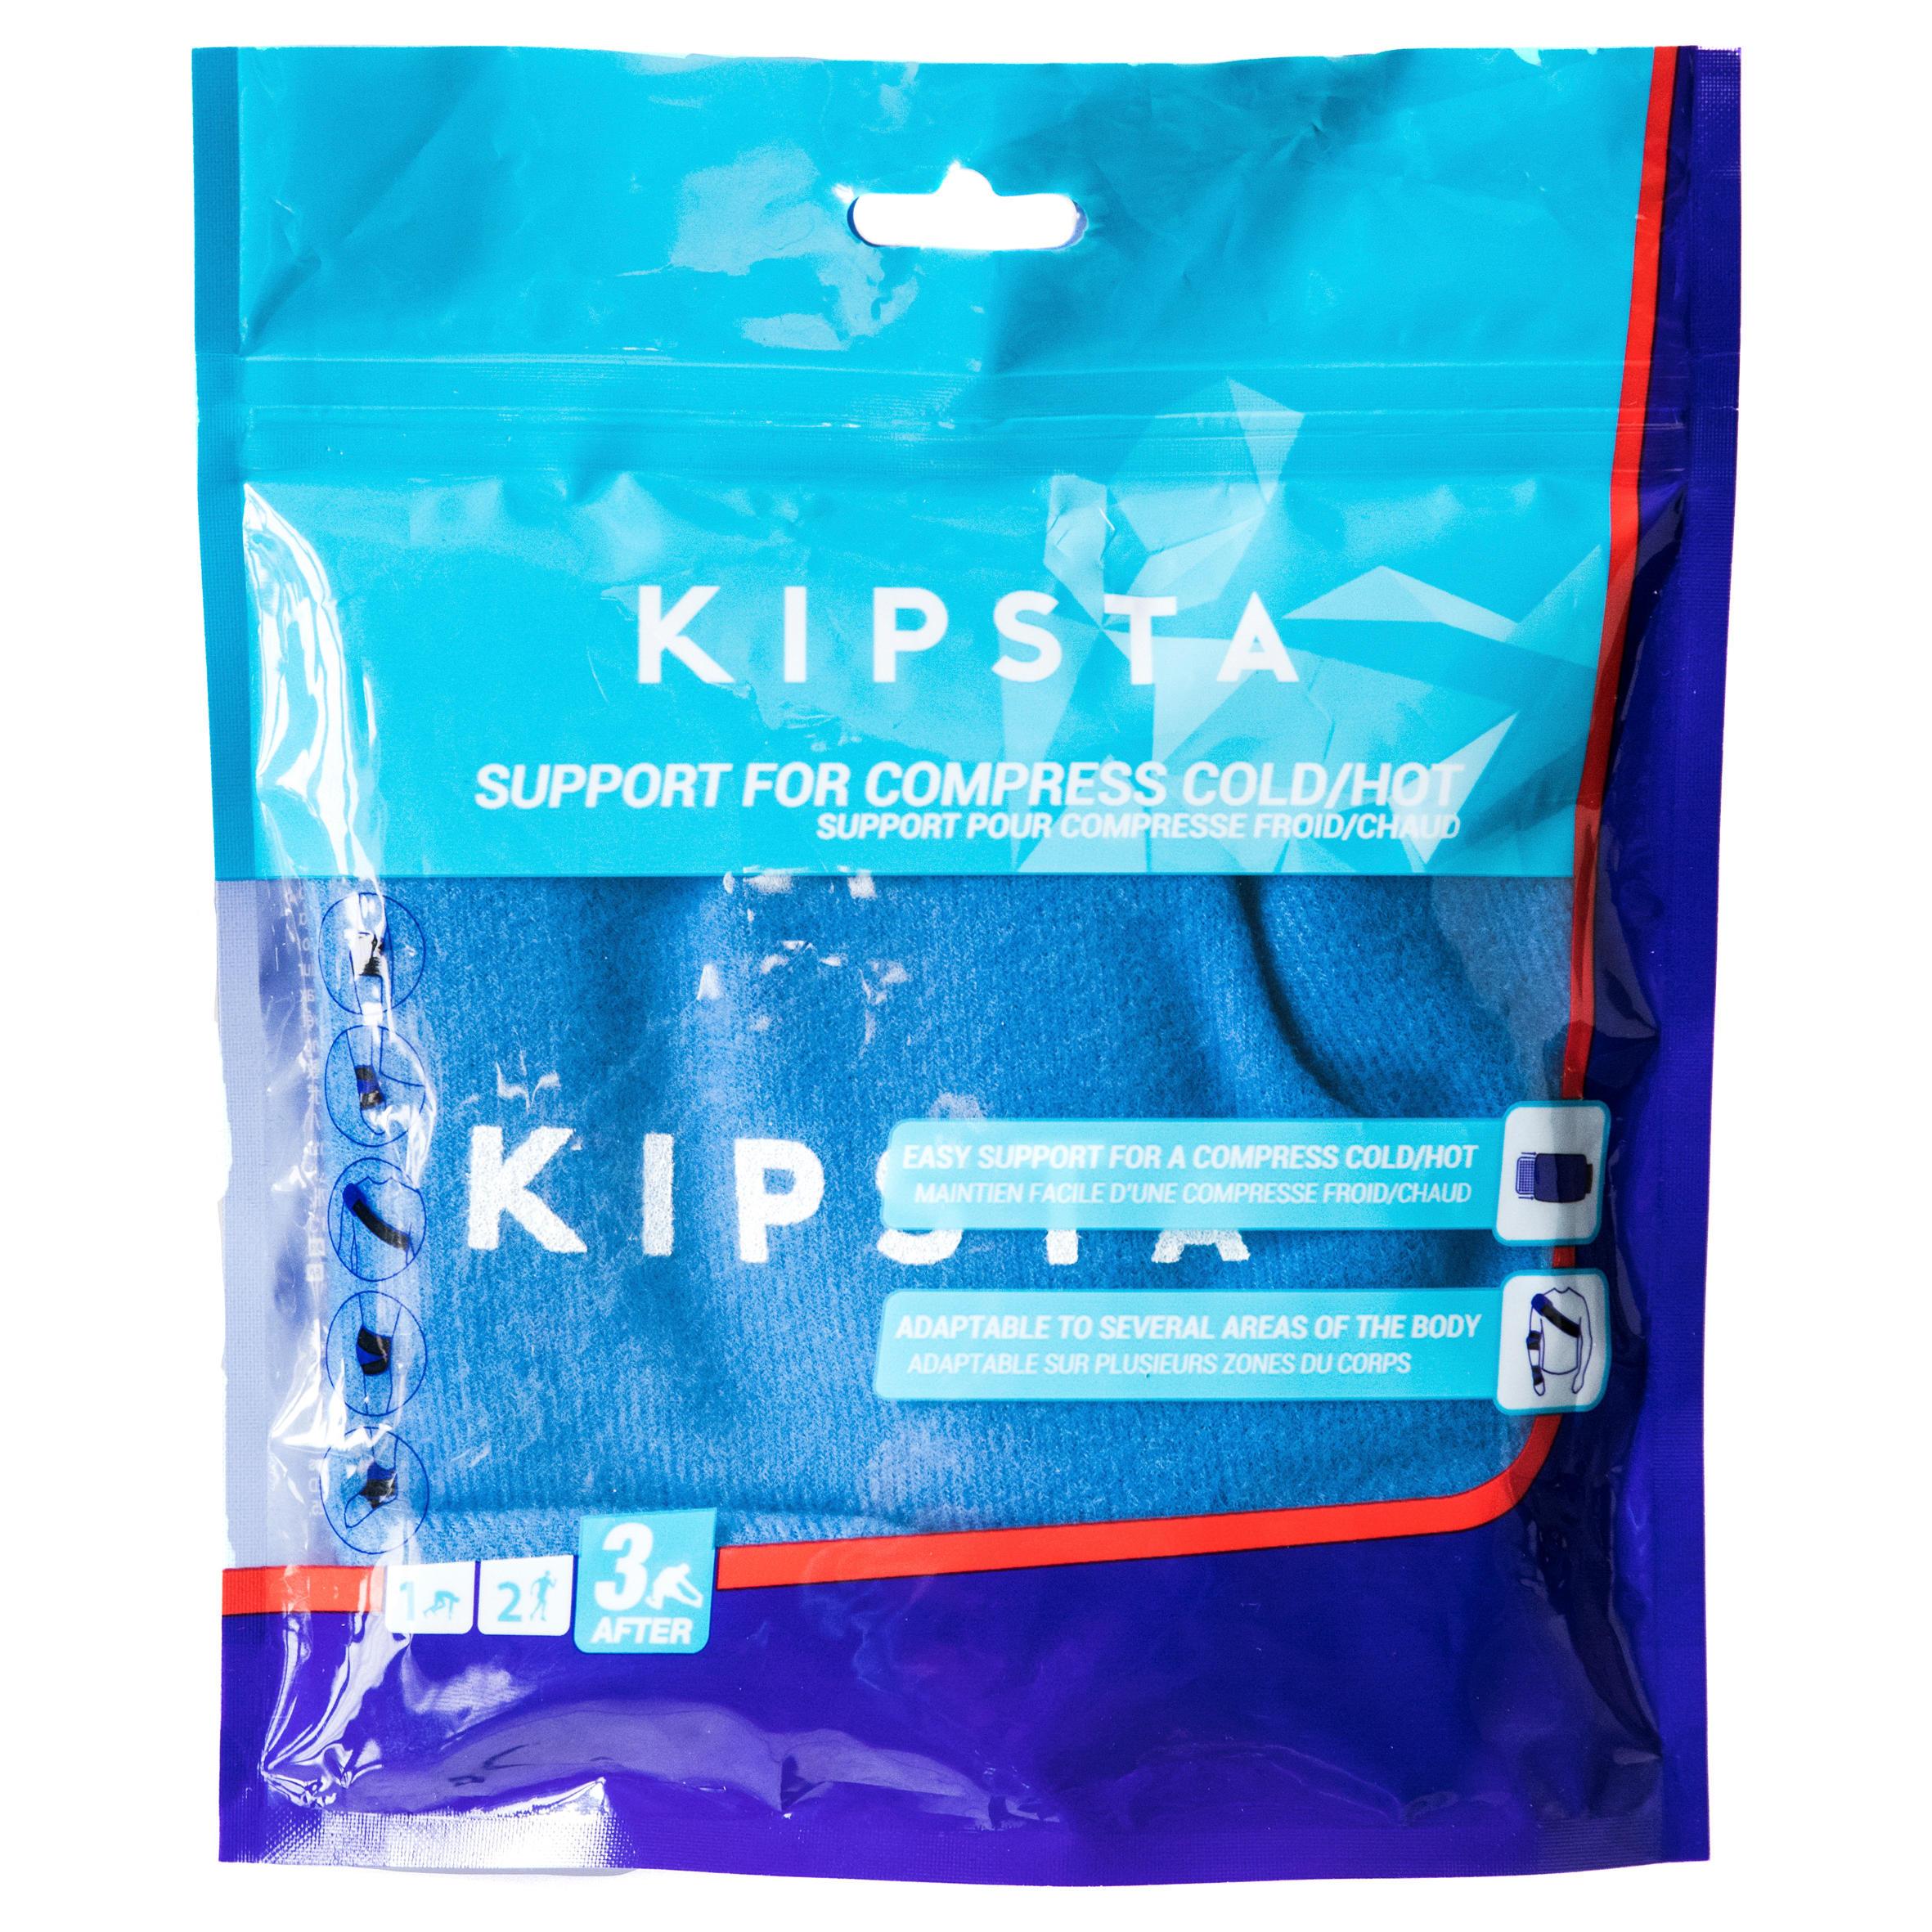 Kipsta Steun voor koude- of warmtekompres of instant coldpack voor kneuzingen